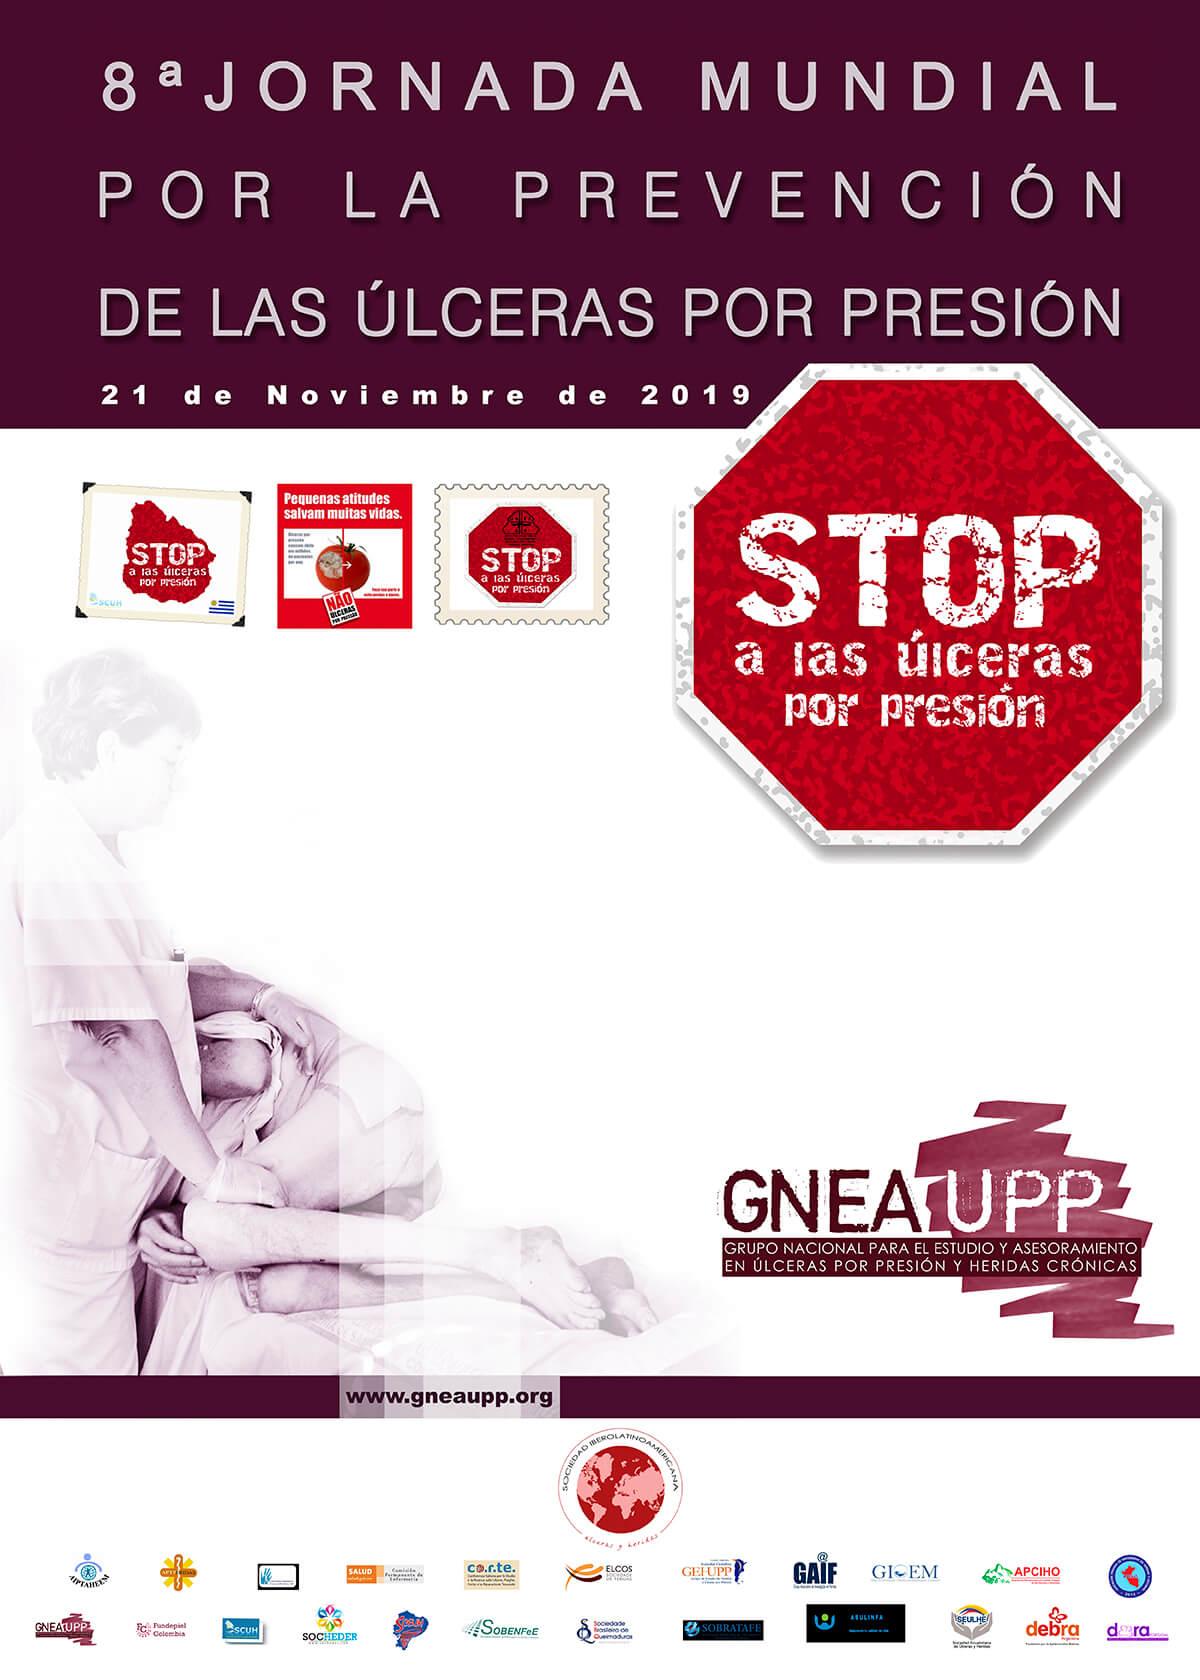 Arnedillo acoge la reunión del XXV Aniversario del Grupo Nacional para el Estudio y Asesoramiento de Úlceras por Presión y Heridas Crónicas (GNEAUPP)